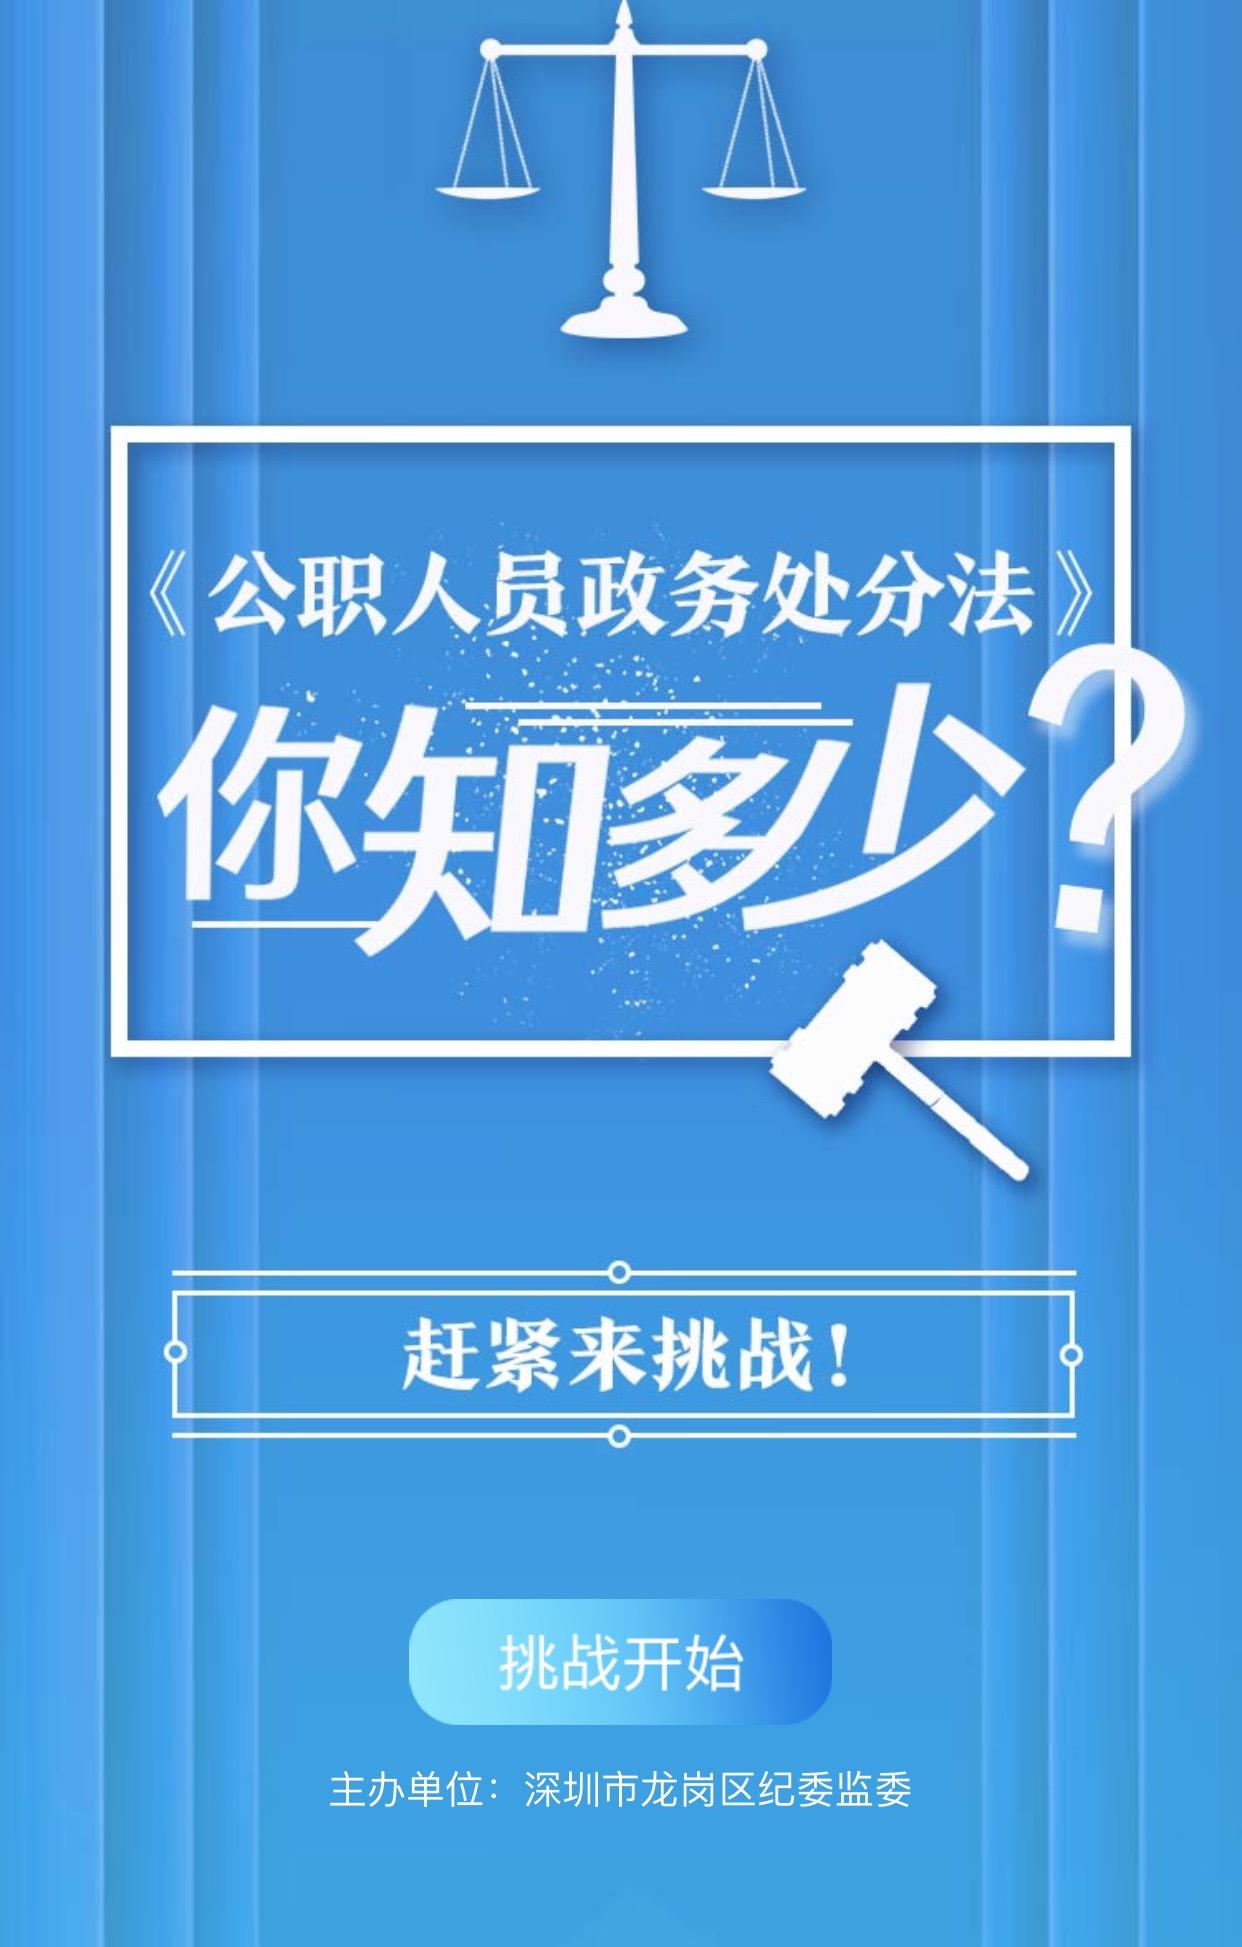 关于开展《中华人民共和国公职人员政务处分法》知识测试的通知